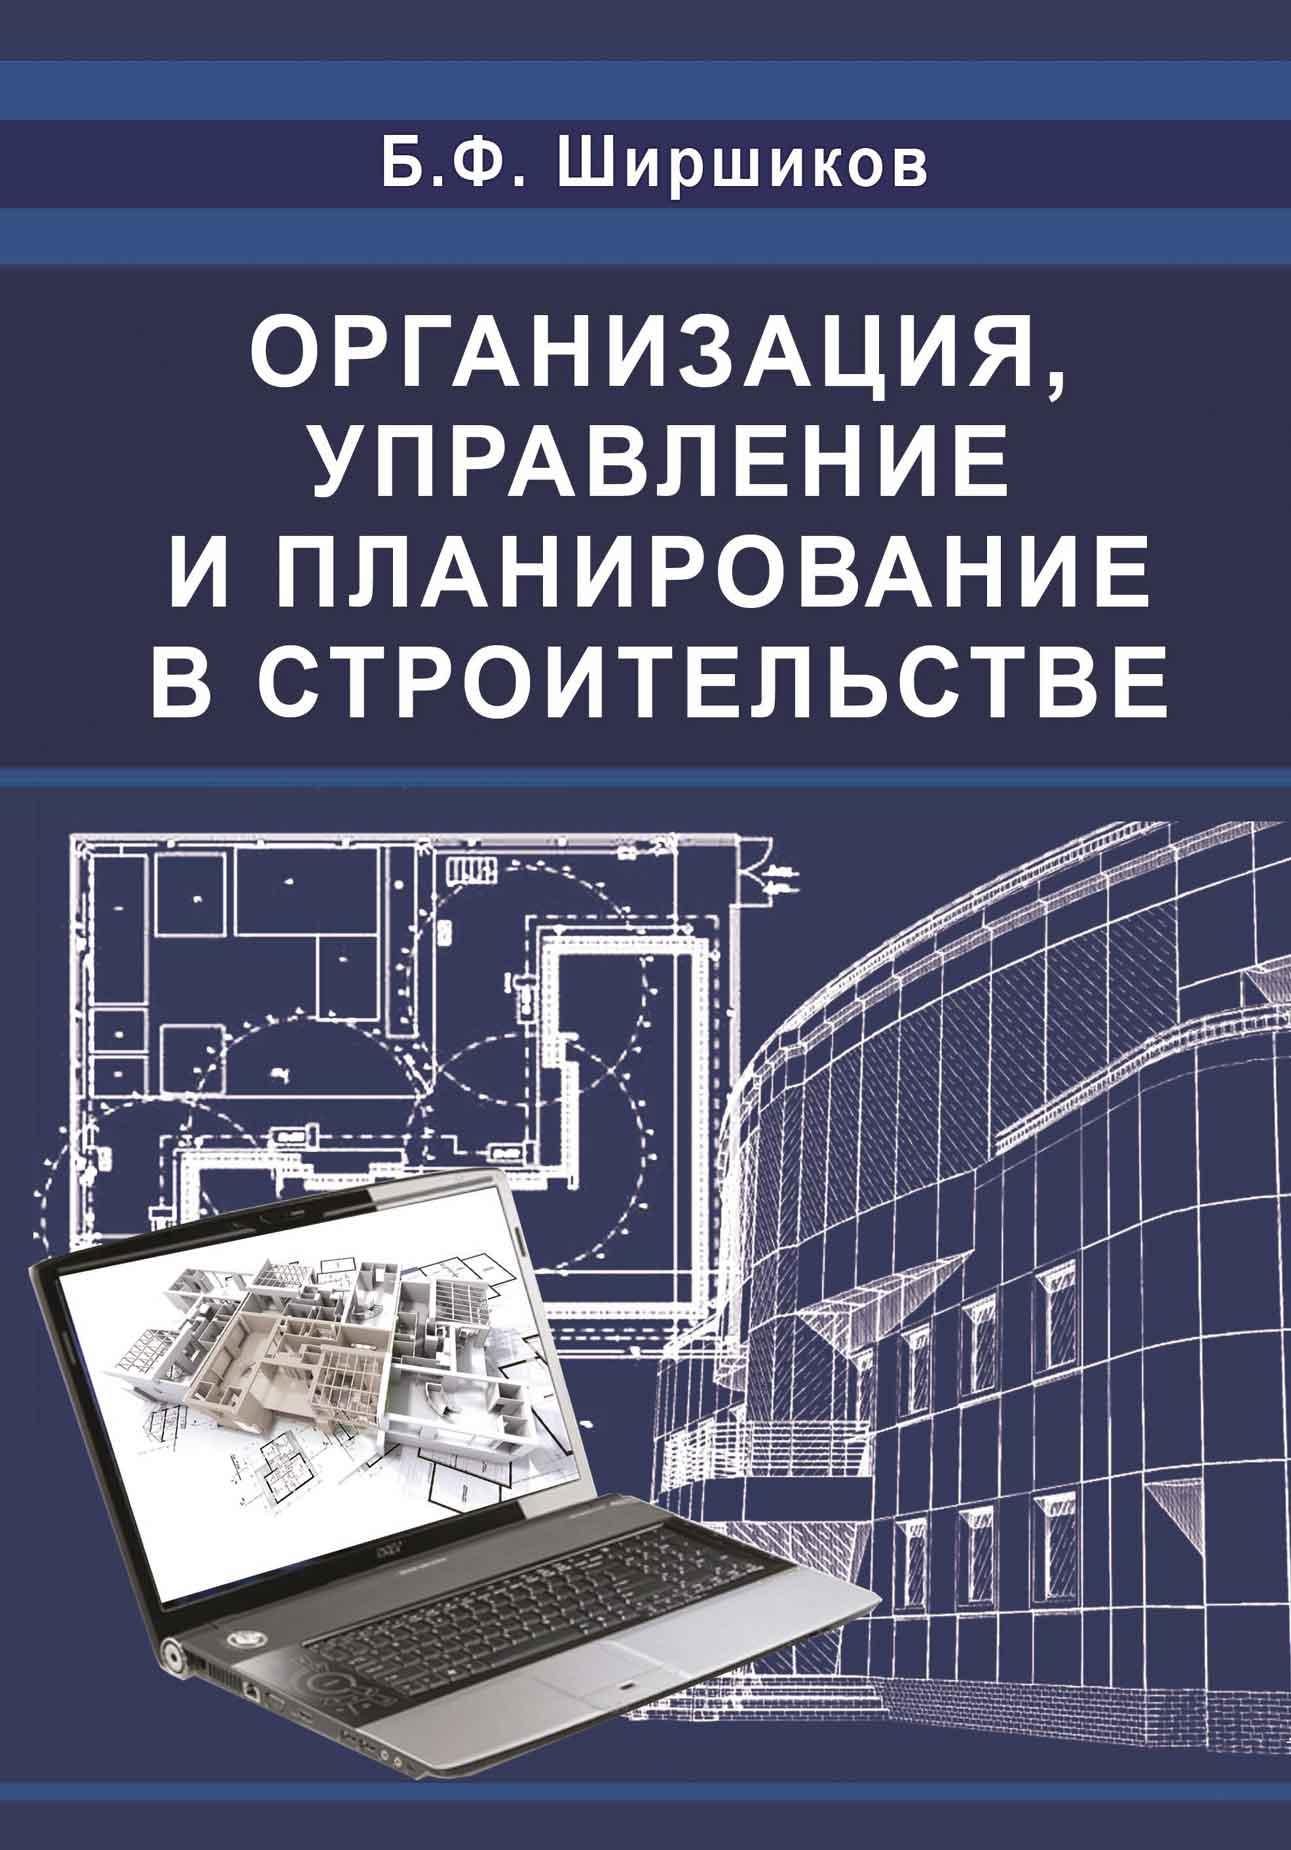 Б. Ф. Ширшиков Организация, управление и планирование в строительстве в а харитонов основы организации и управления в строительстве